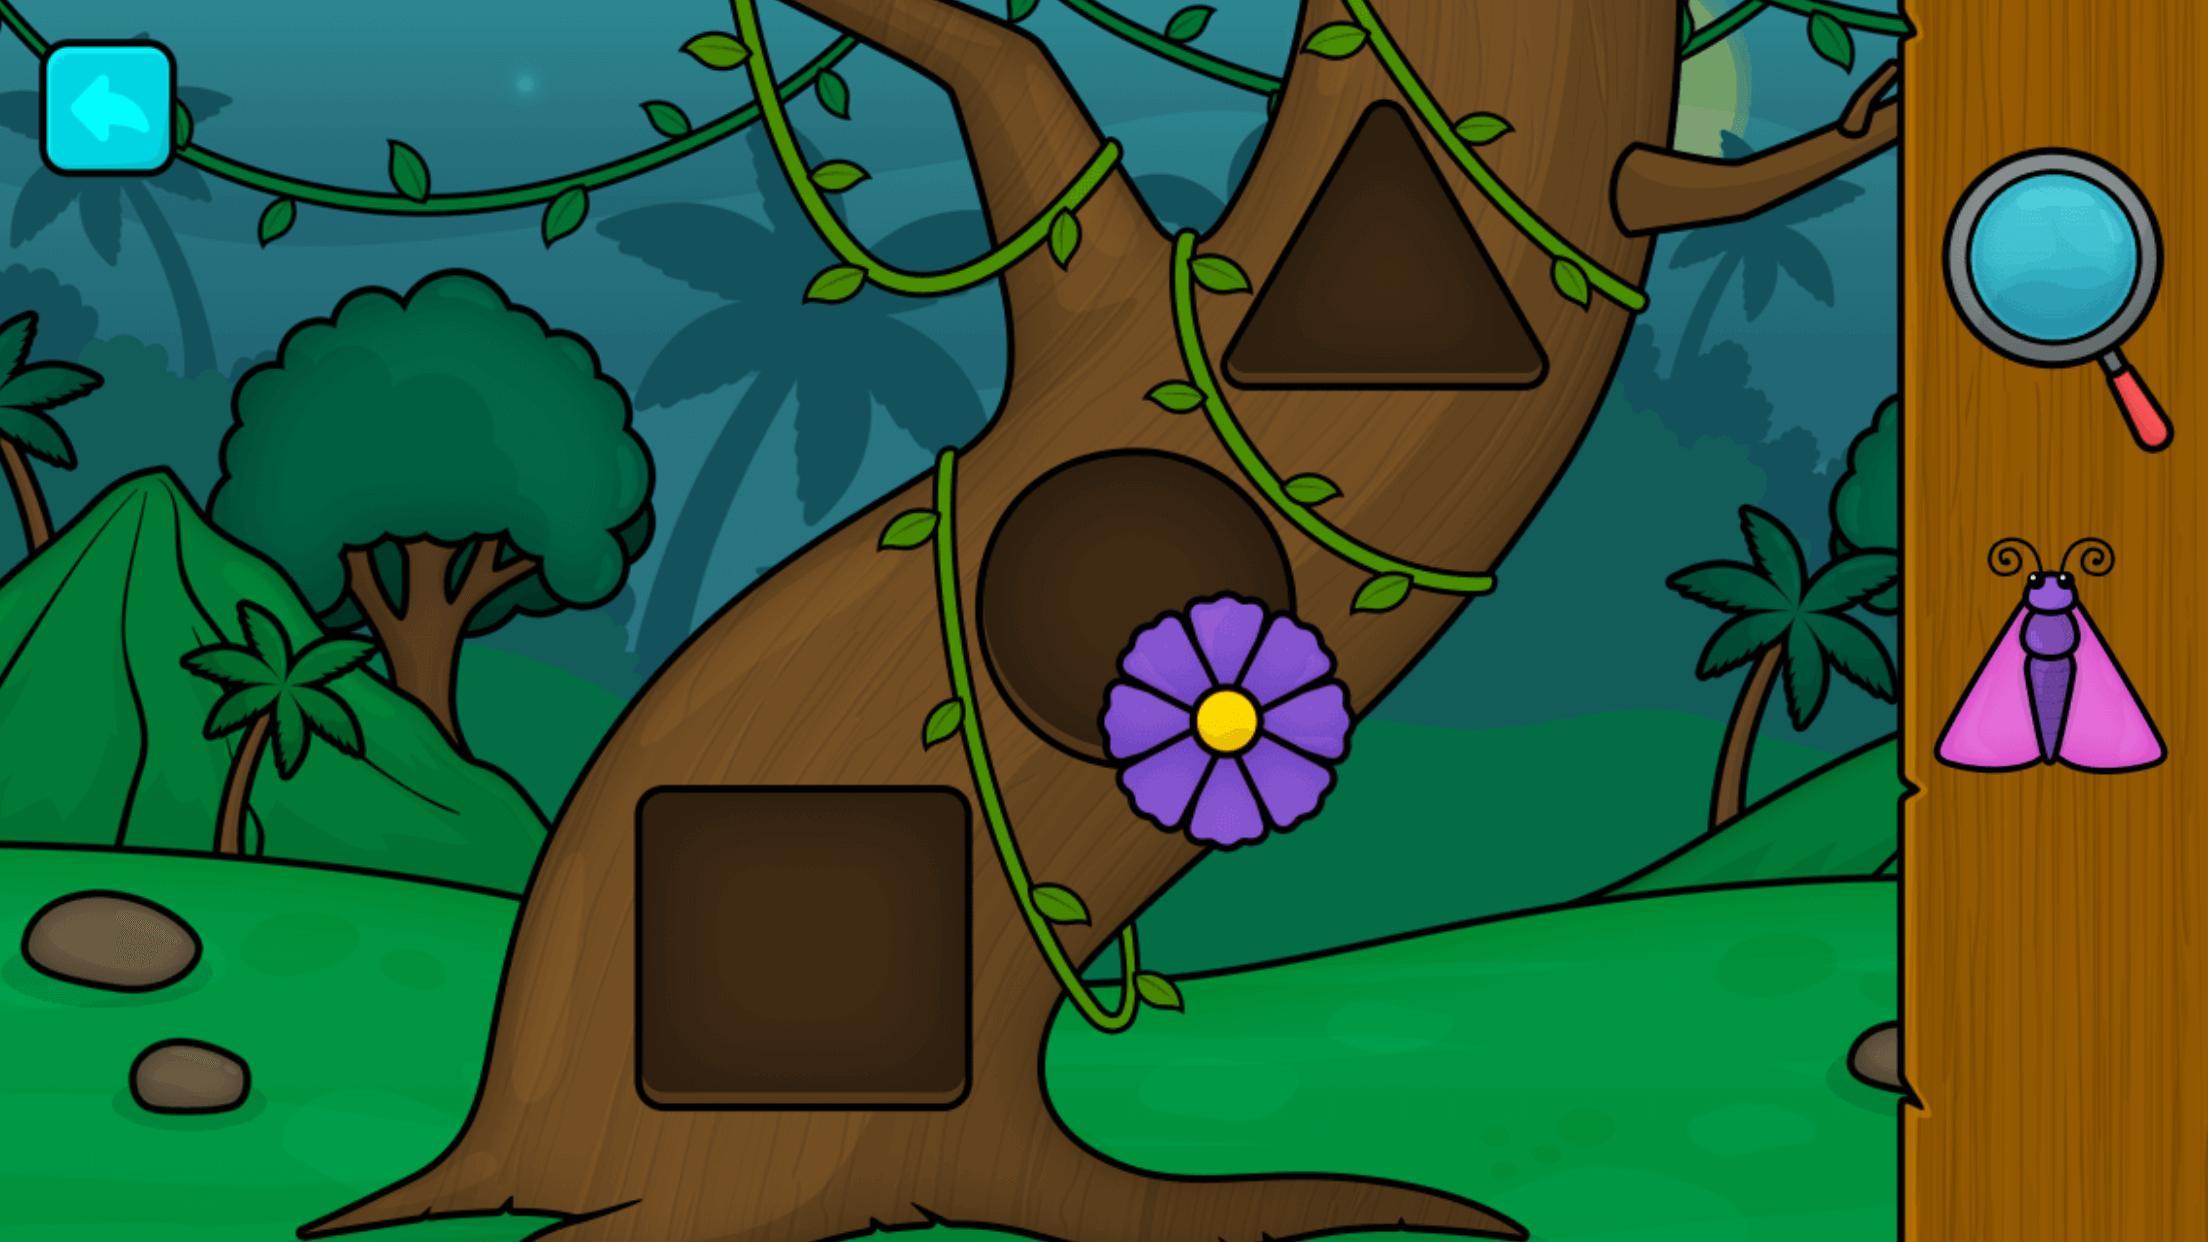 Jeux Pour Enfants 2 - 5 Ans Pour Android - Téléchargez L'apk concernant Jeux Fille 9 Ans Gratuit